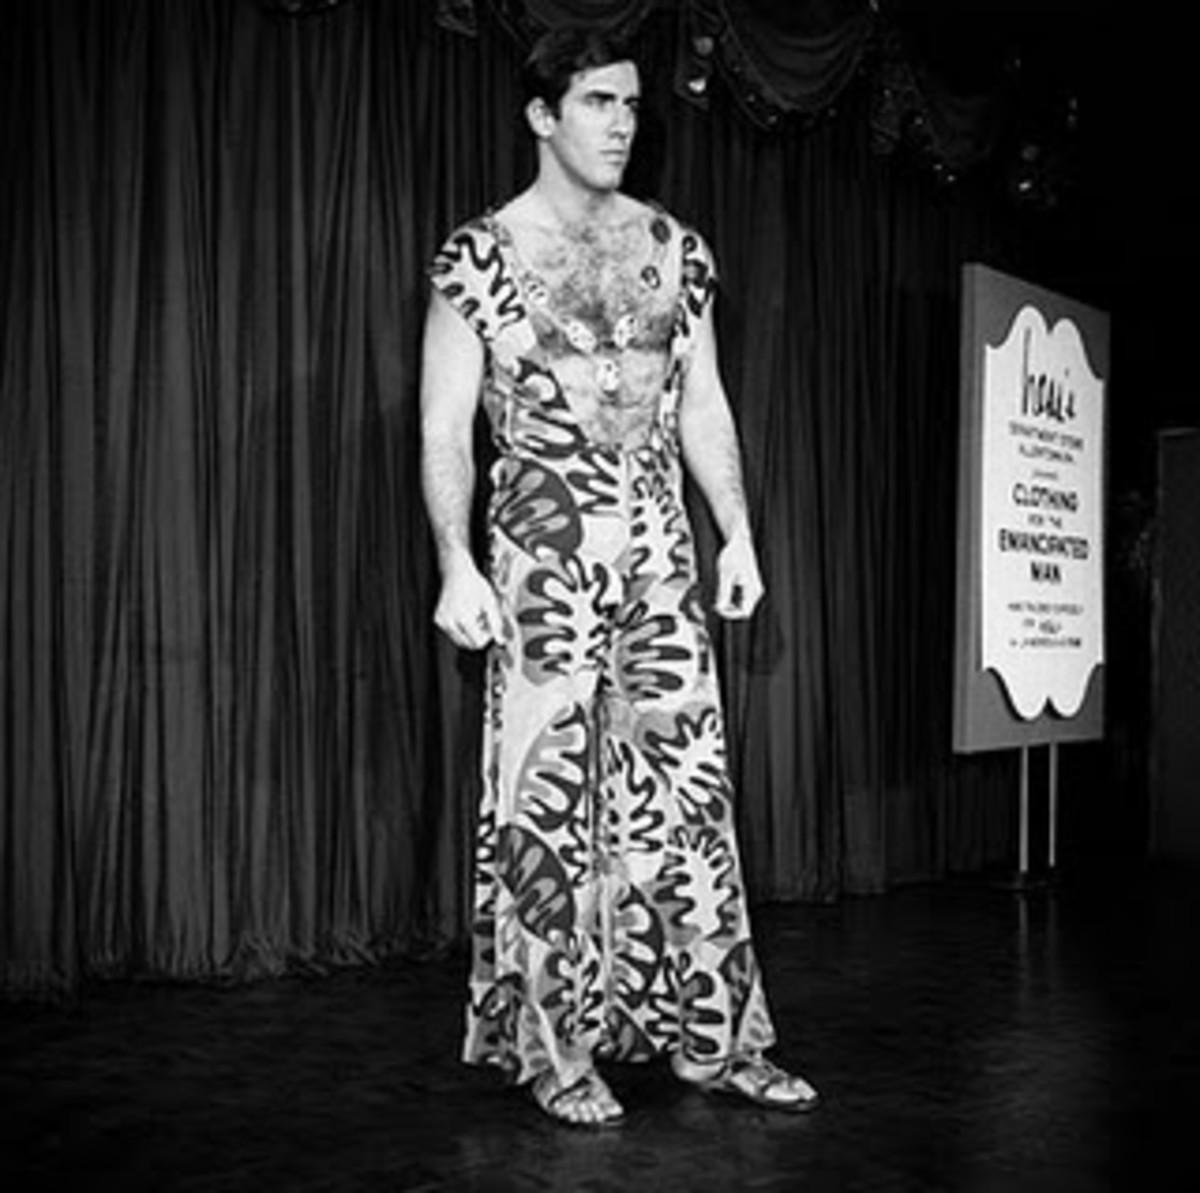 Male model in a dress, c. 1968